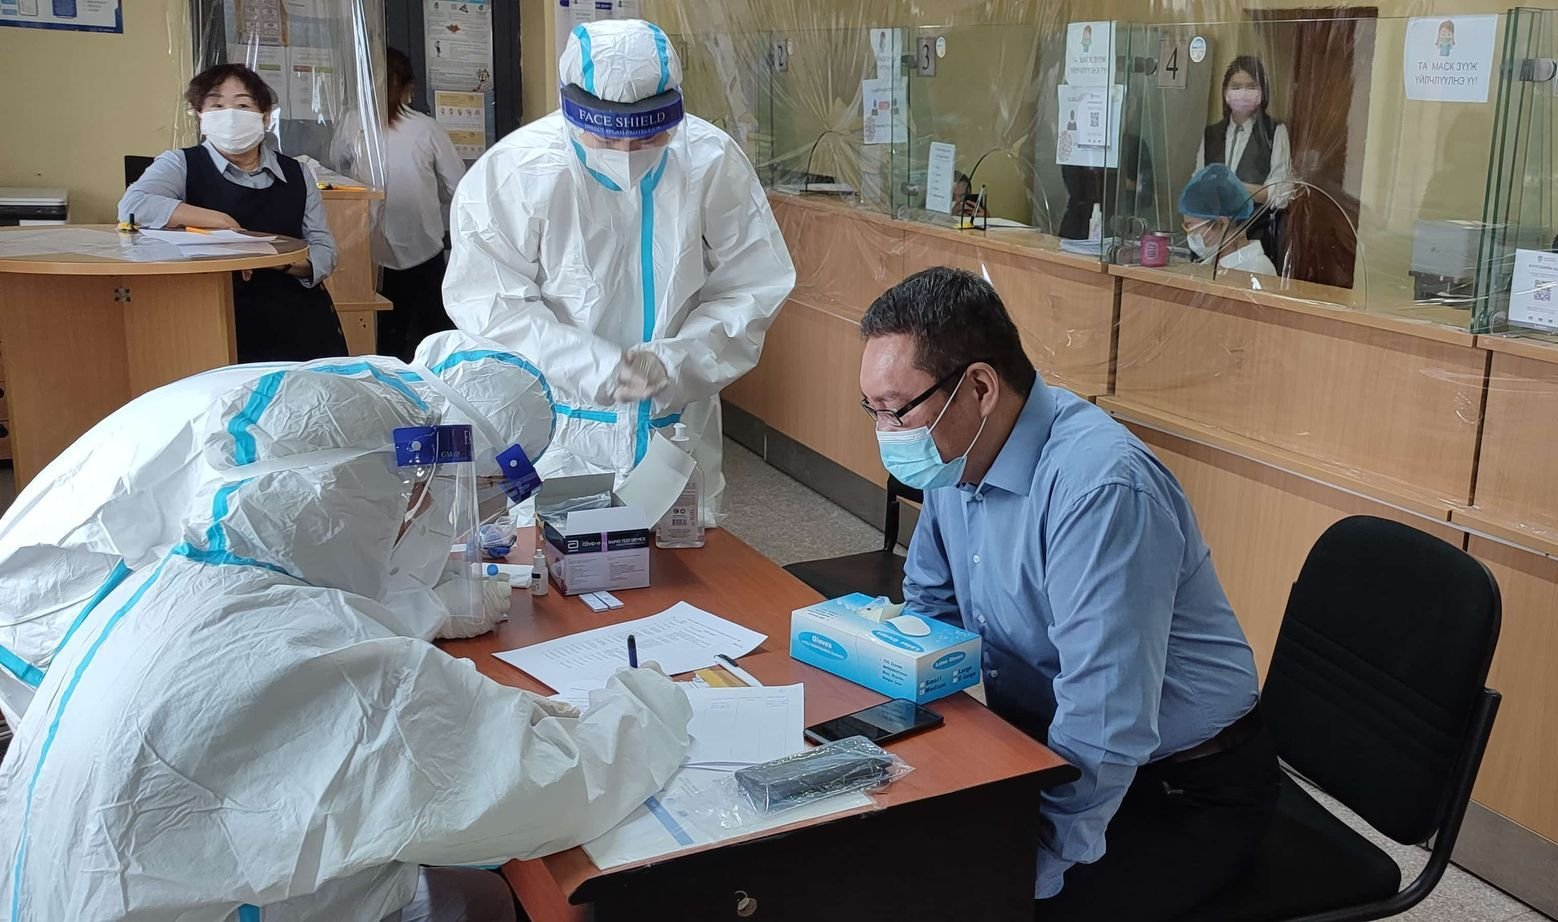 Орхон аймаг дахь Улсын бүртгэлийн хэлтсийн нийт албан хаагчид КОВИД-19 вирусийг илрүүлэх шинжилгээнд хамрагдлаа